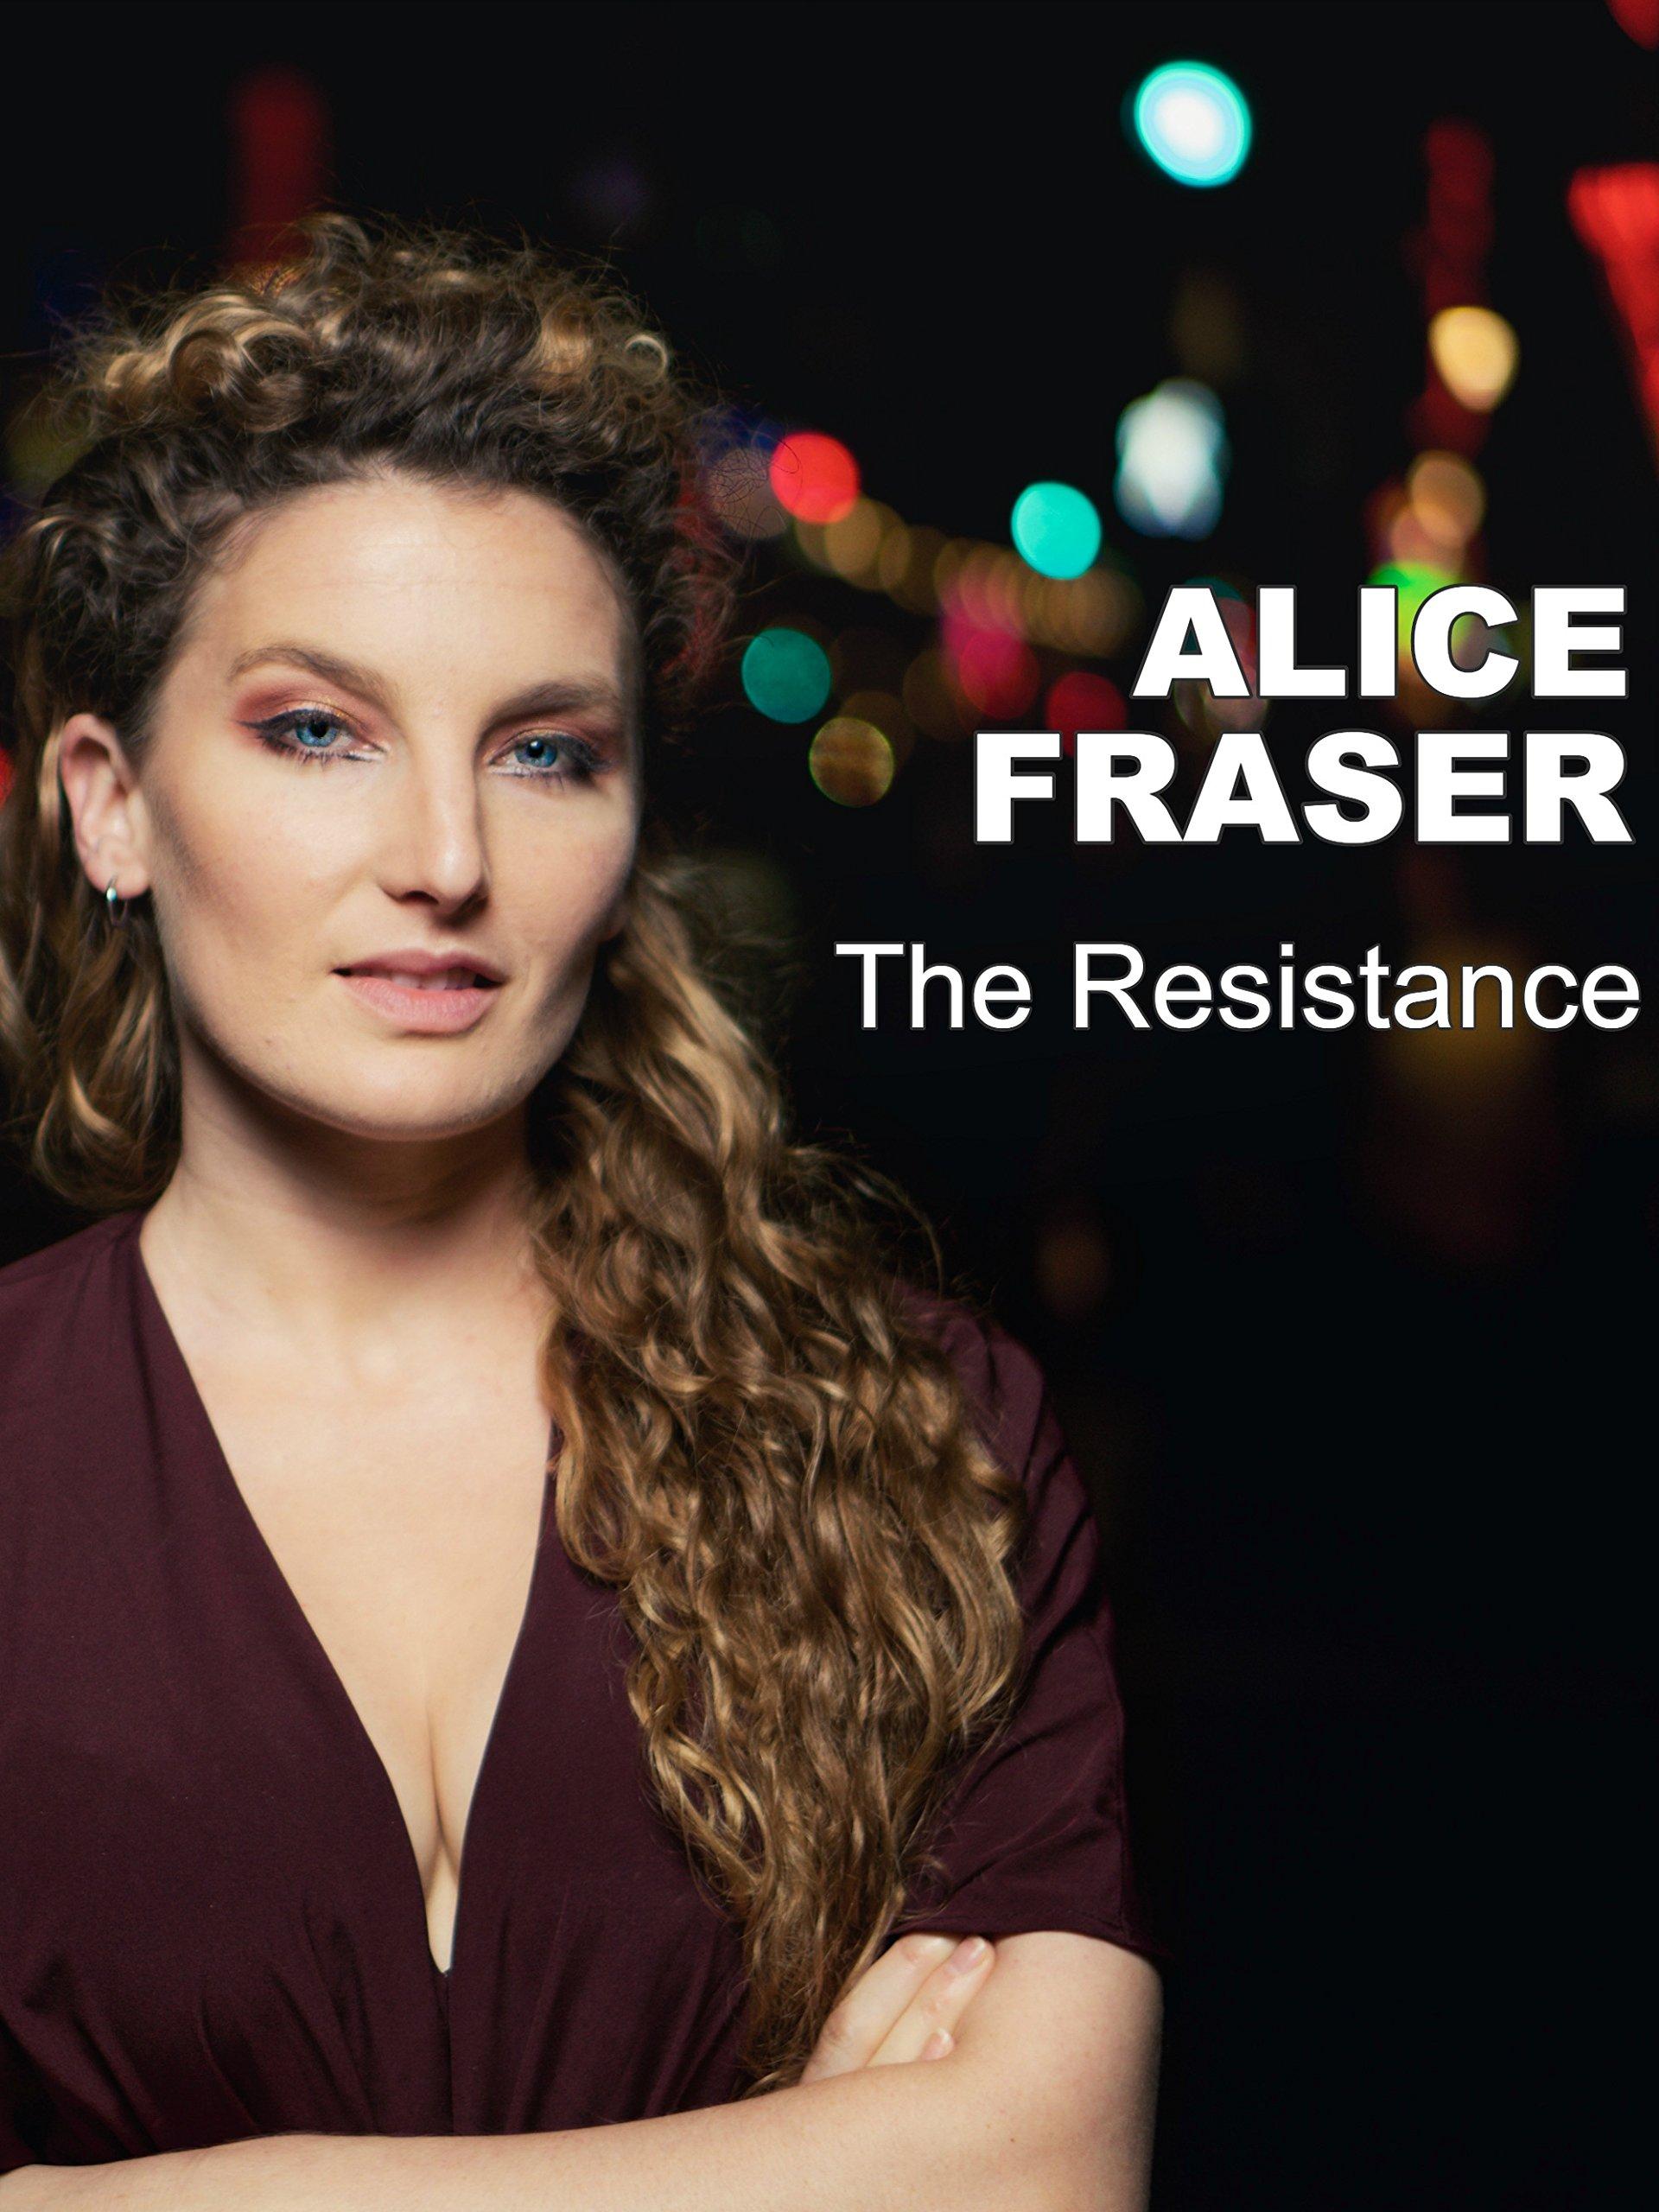 Alice Fraser - The Resistance (Live)